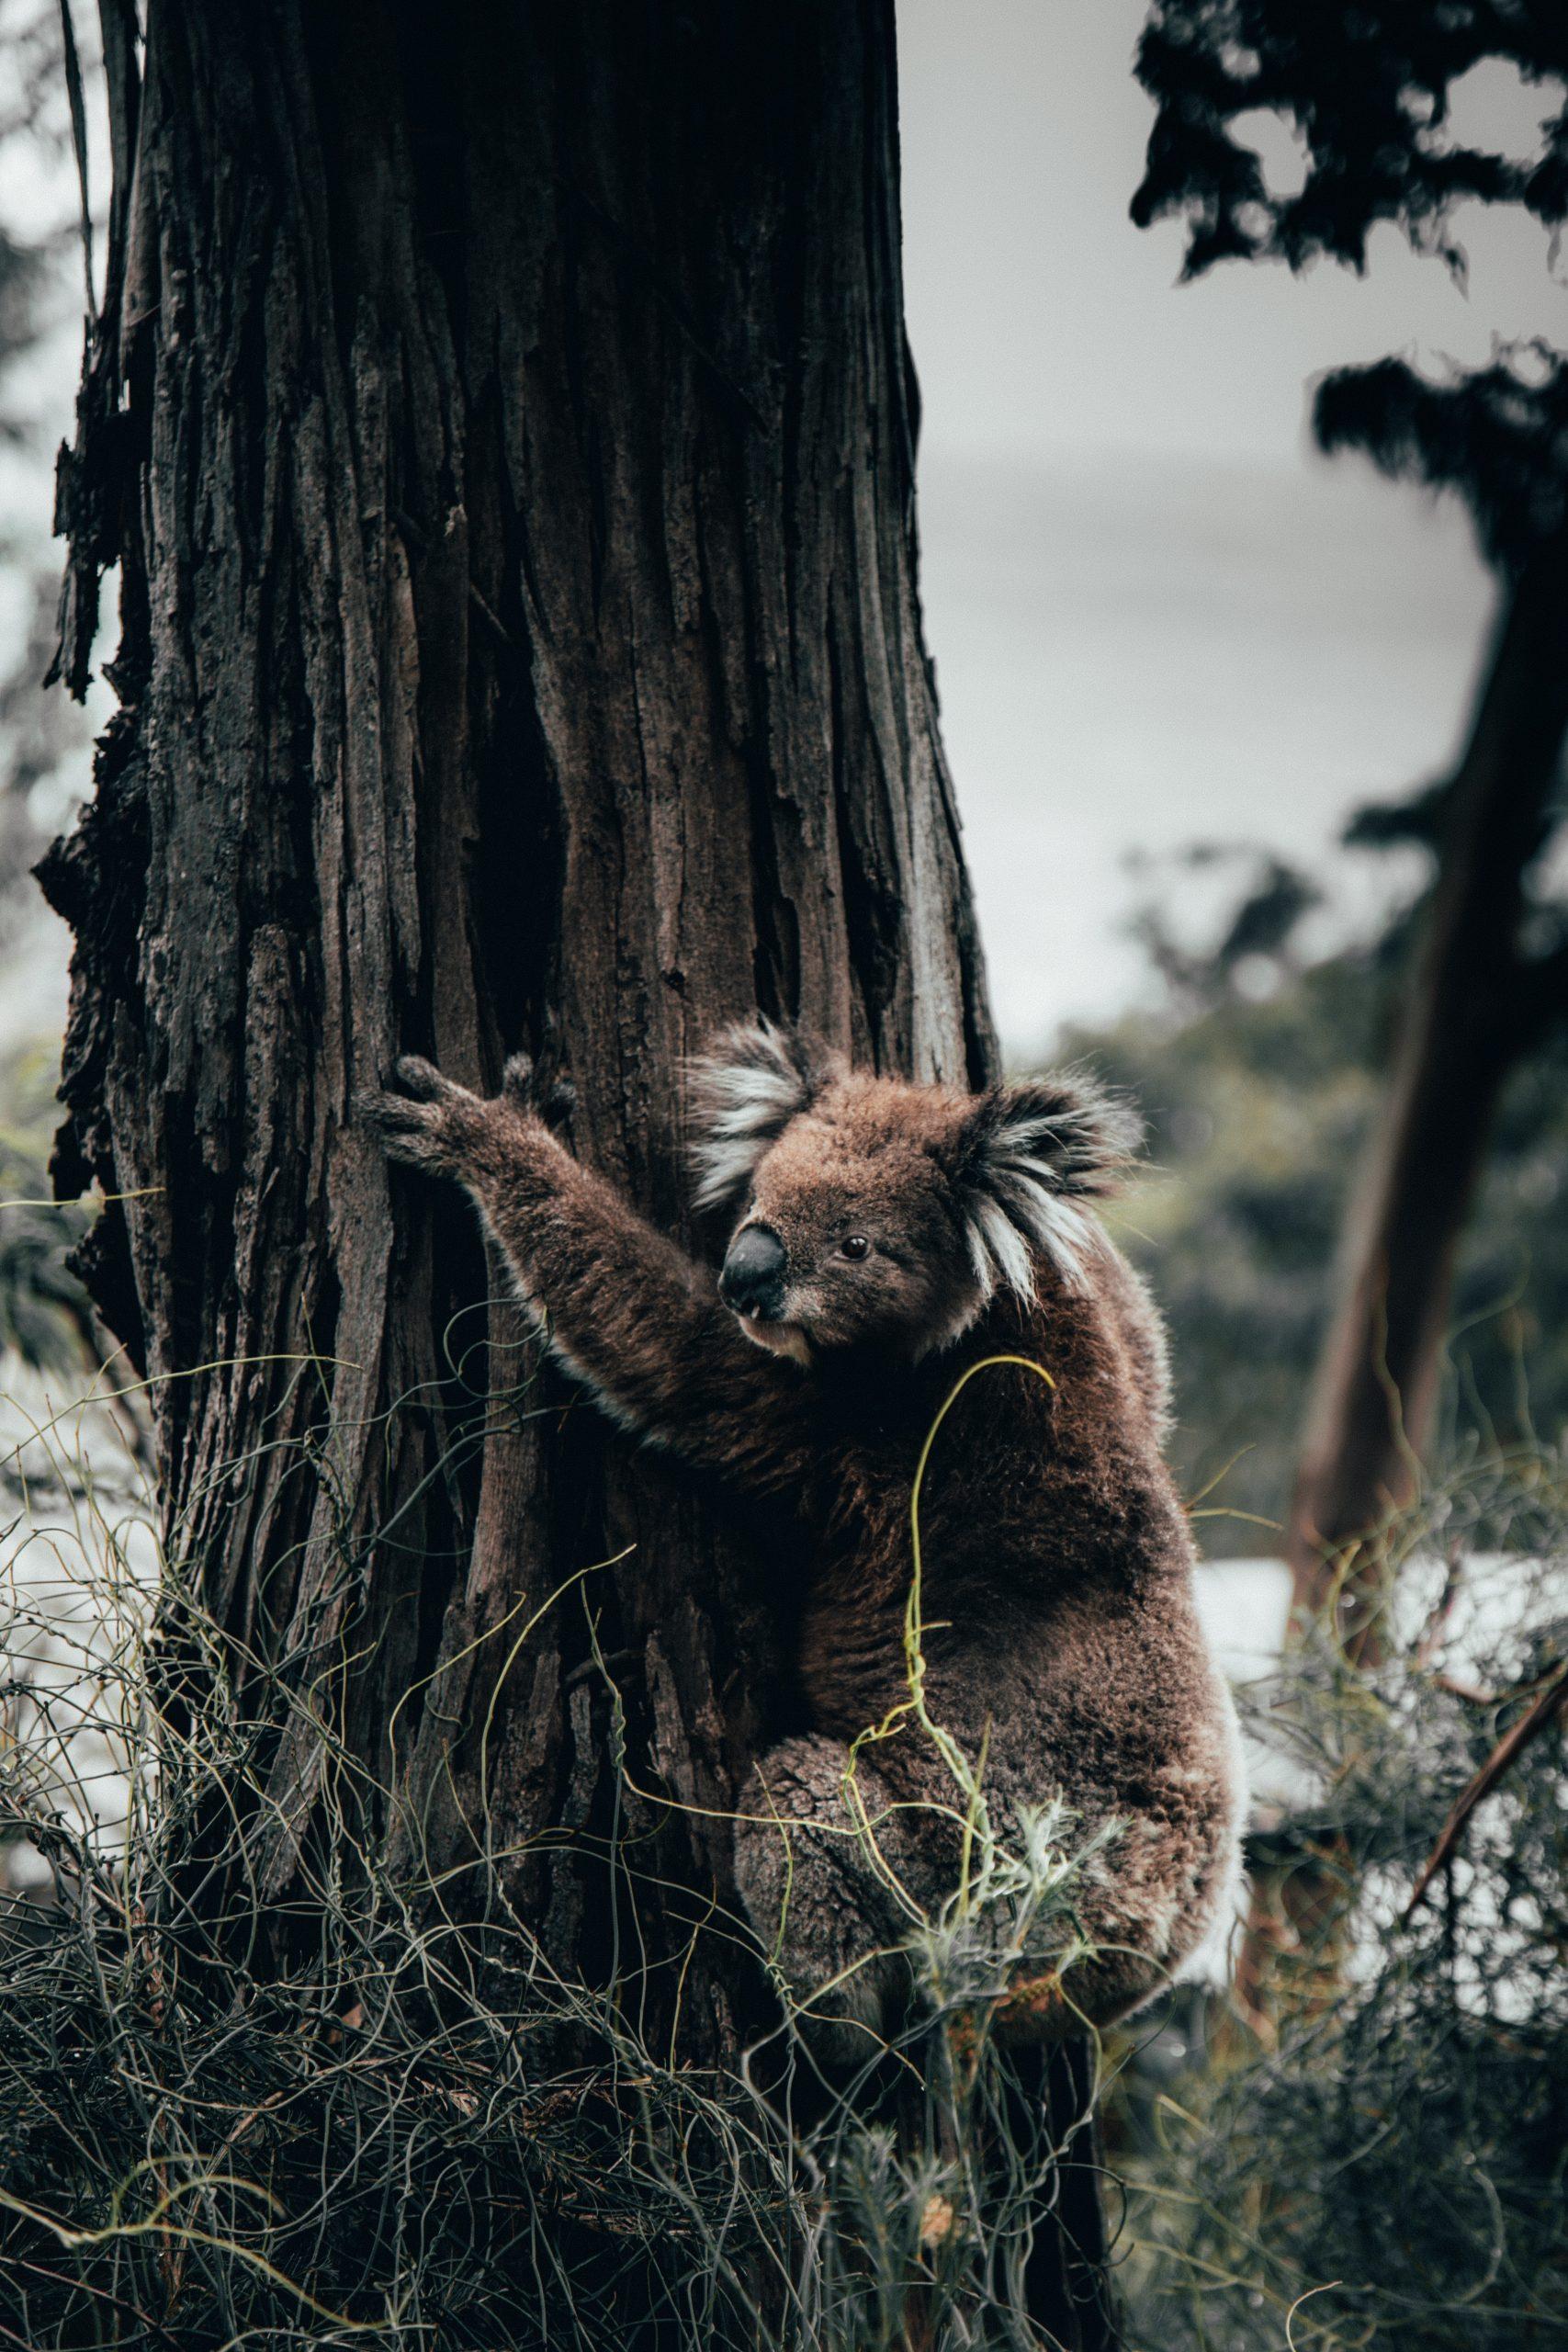 Watch Brave Woman Rescue Koala from Blazing Australian Bushfires